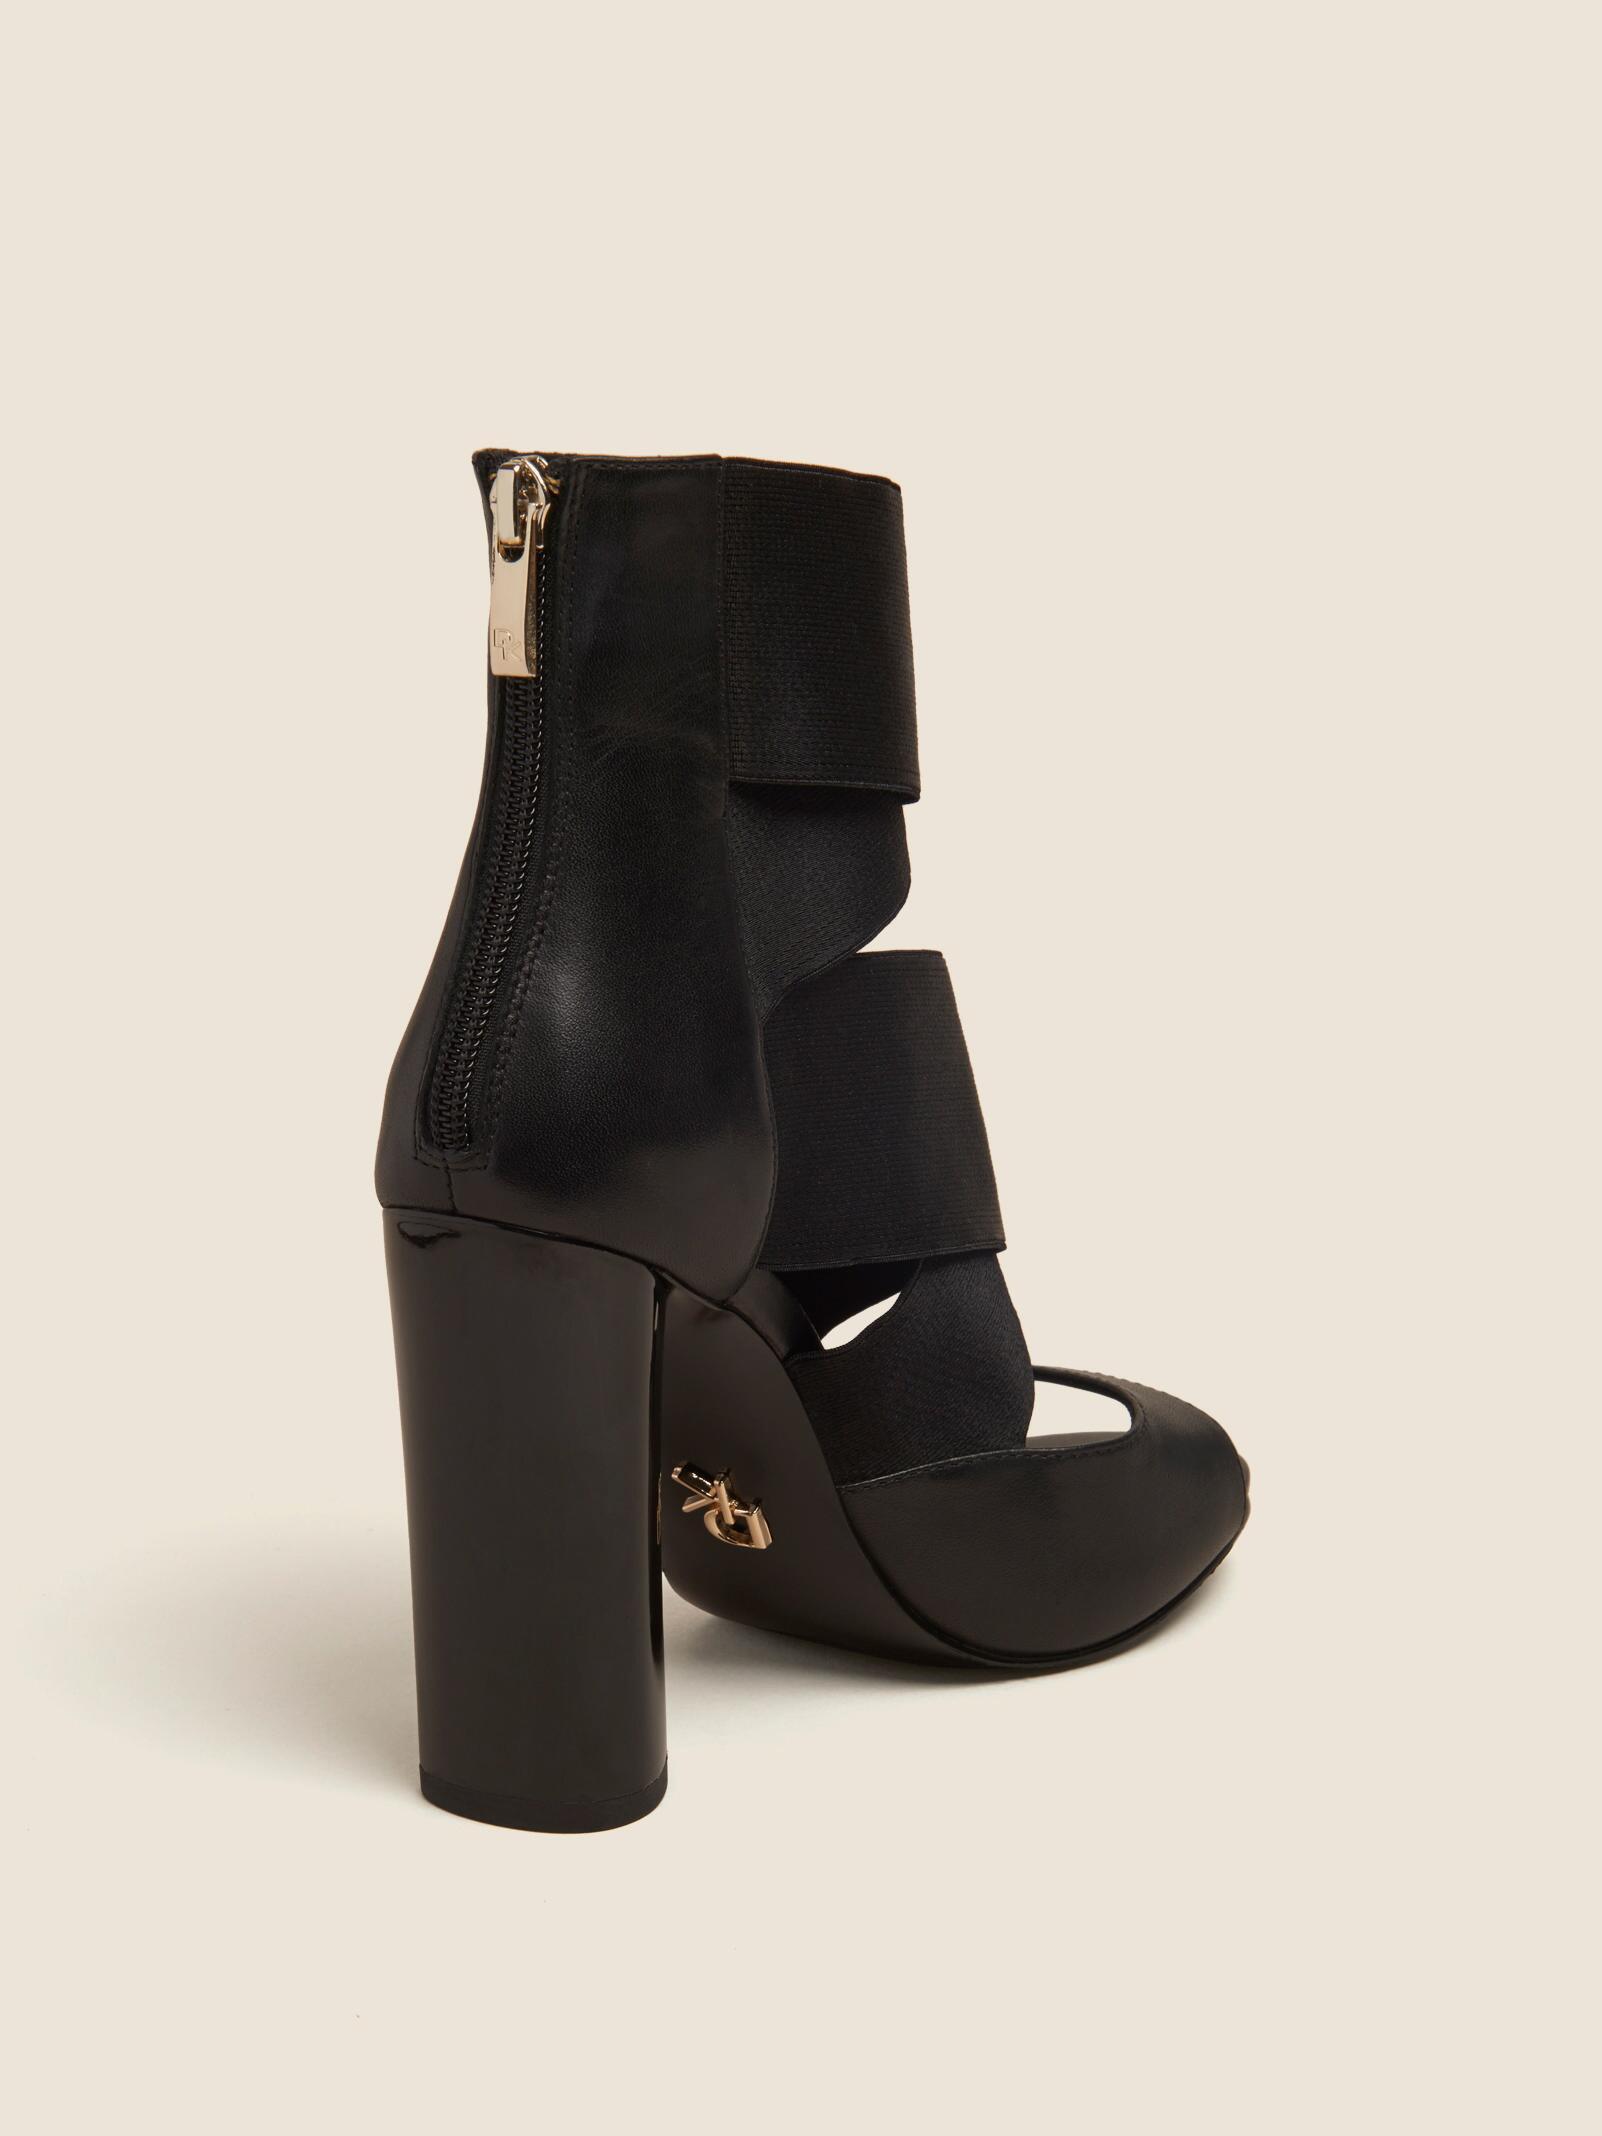 ac1fec87ab5 Lyst - DKNY Briana Multi-strap Heeled Leather Sandal in Black